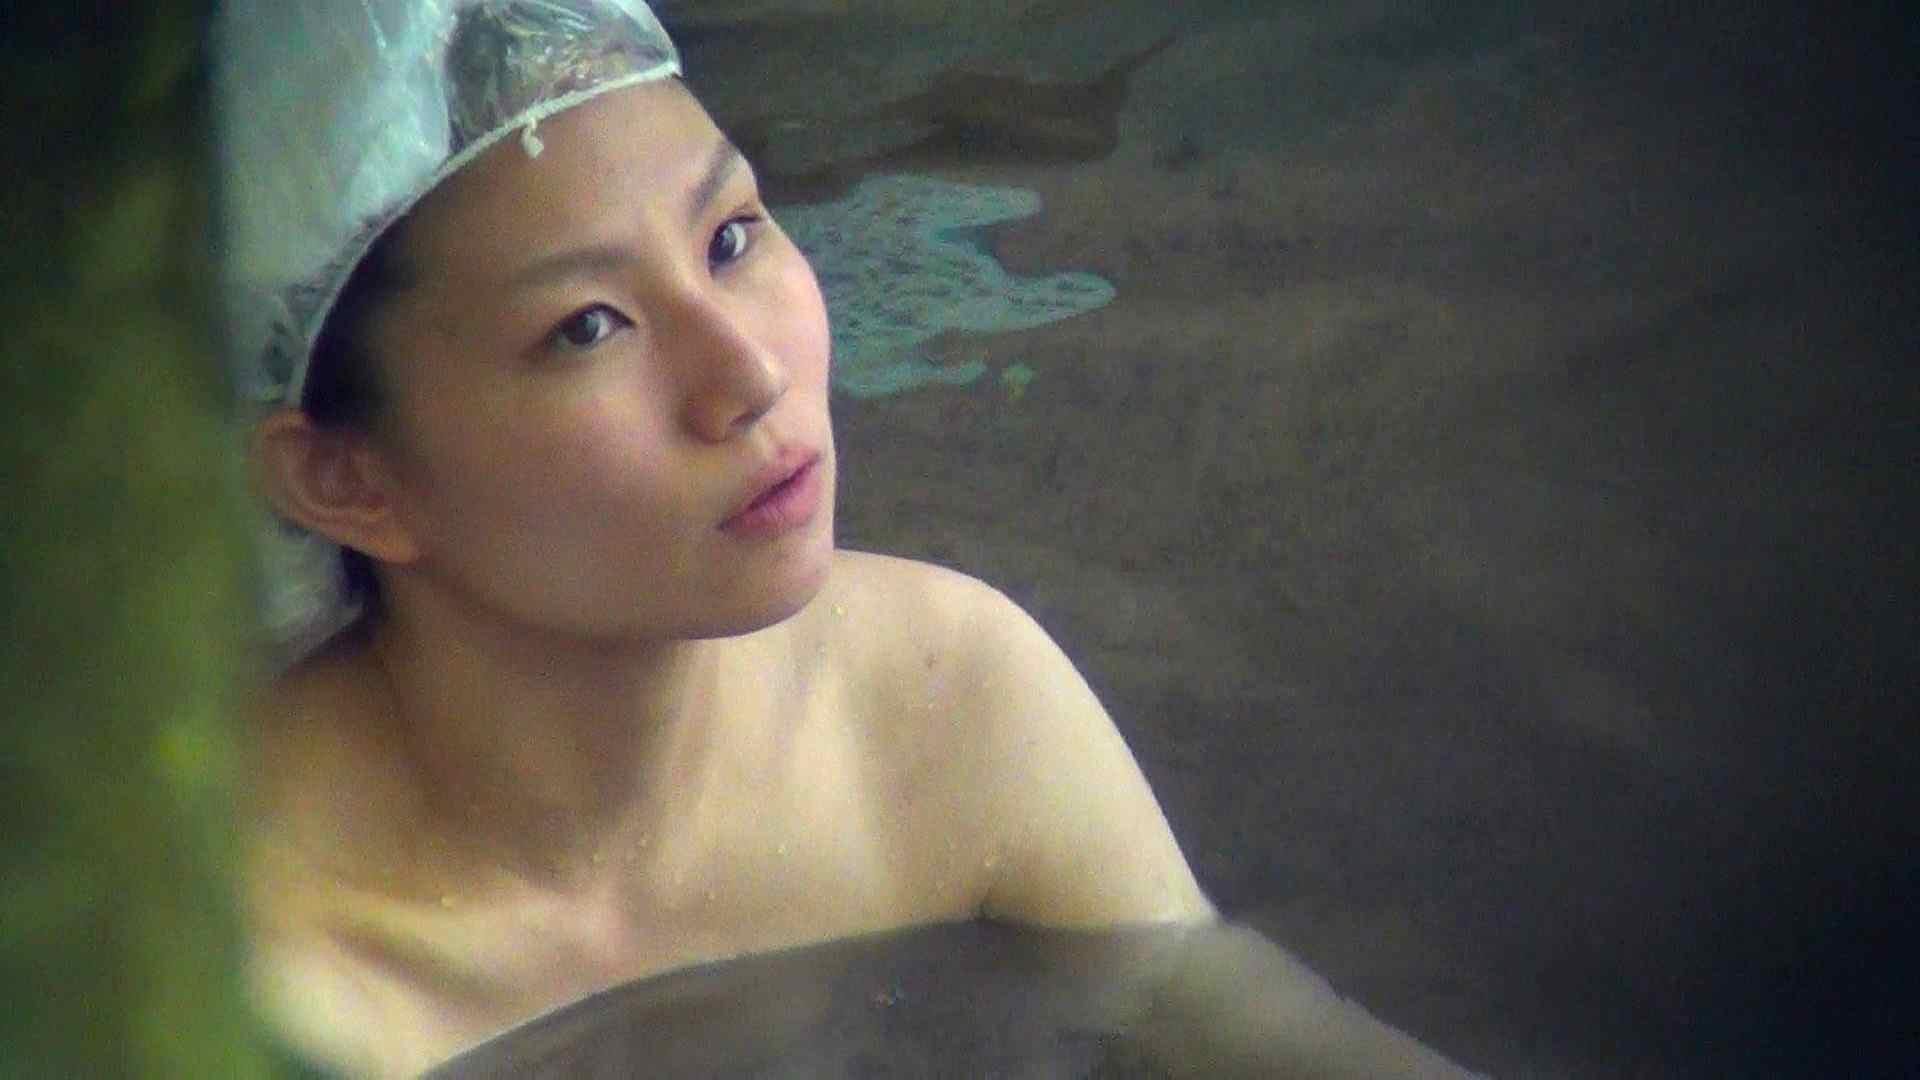 Vol.43 ヘアキャップをしても美しい中性的美女simai 美乳 おめこ無修正画像 110画像 46